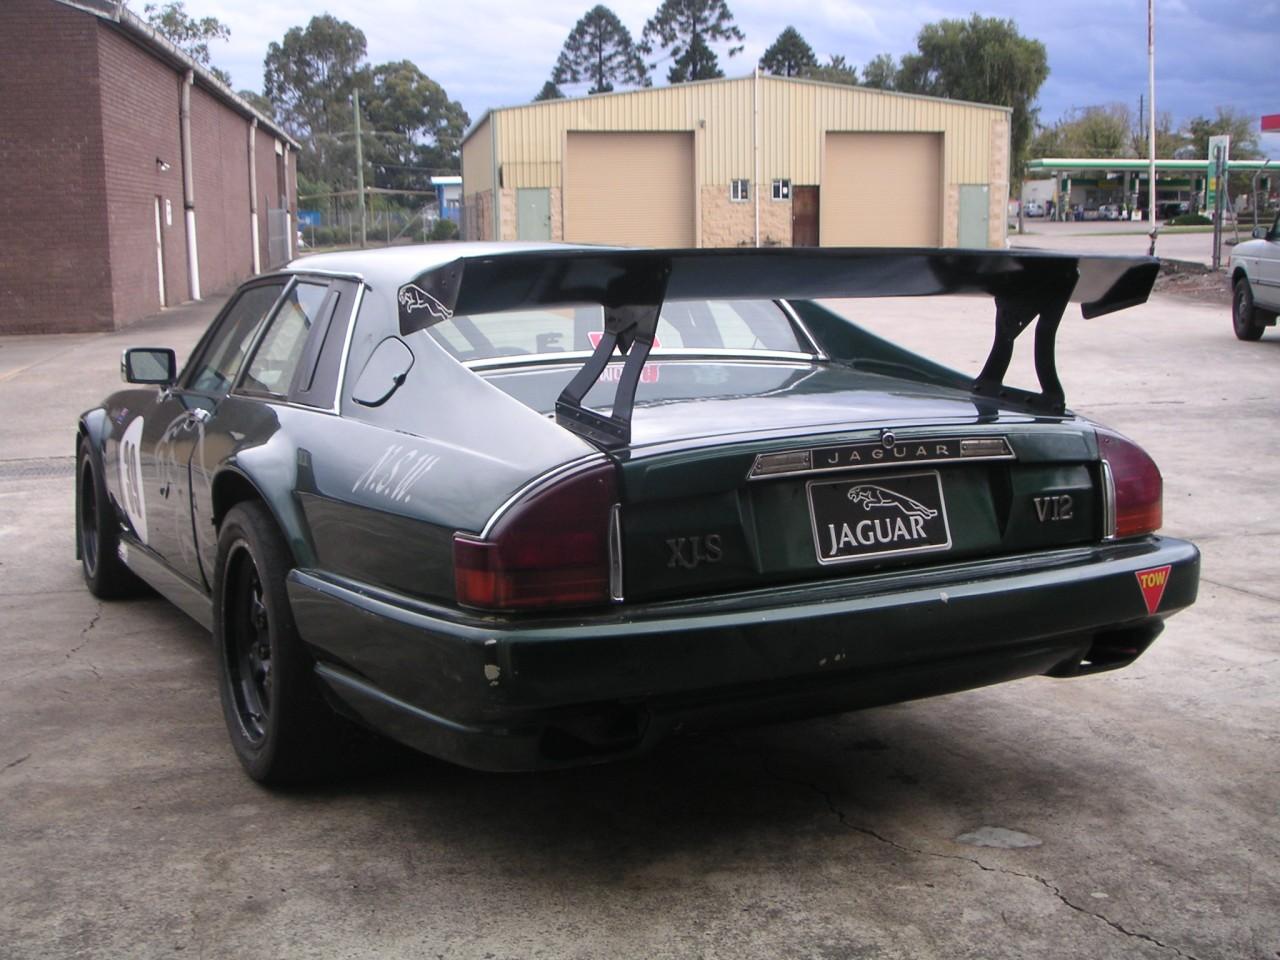 For Sale: 1977 Jaguar XJS V12 twin-turbo race car - PerformanceDrive